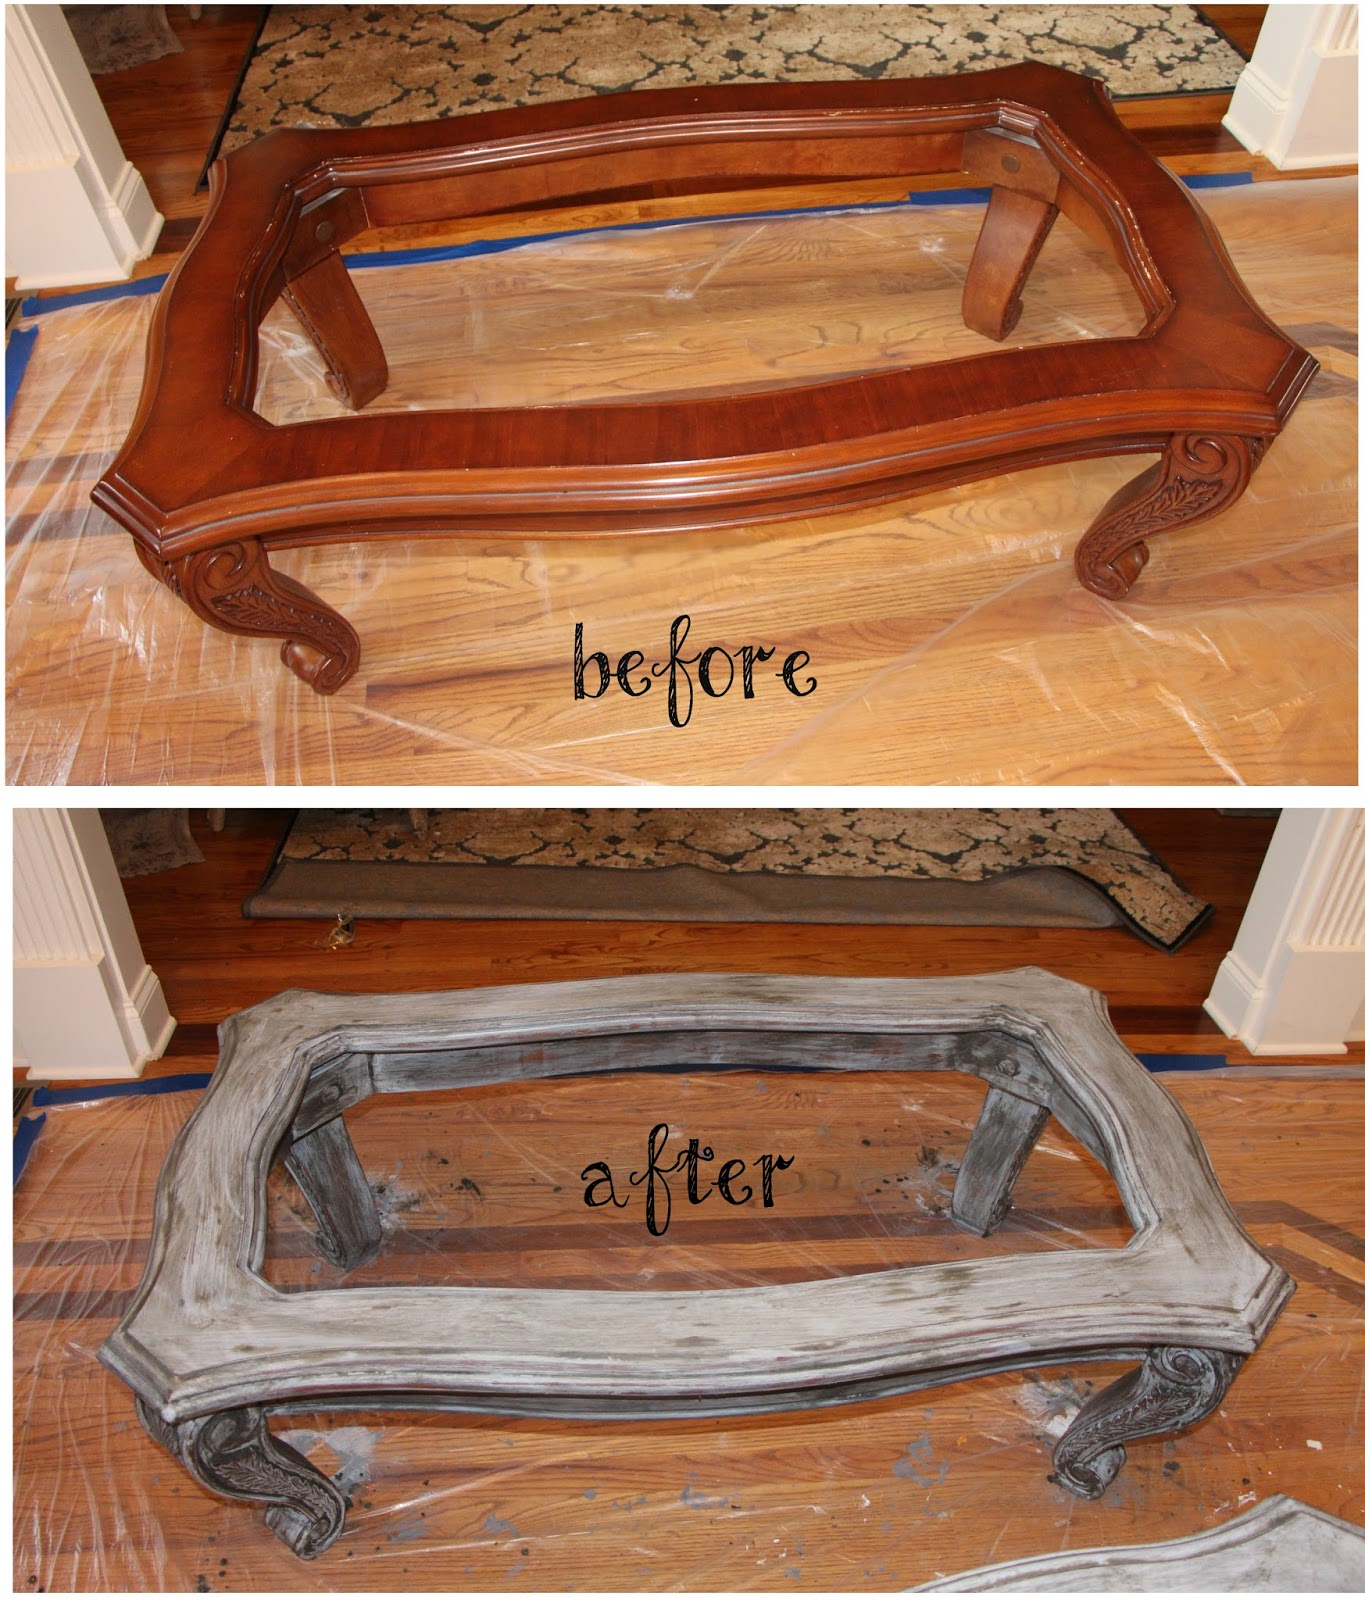 antiquing furniture no sanding. Black Bedroom Furniture Sets. Home Design Ideas